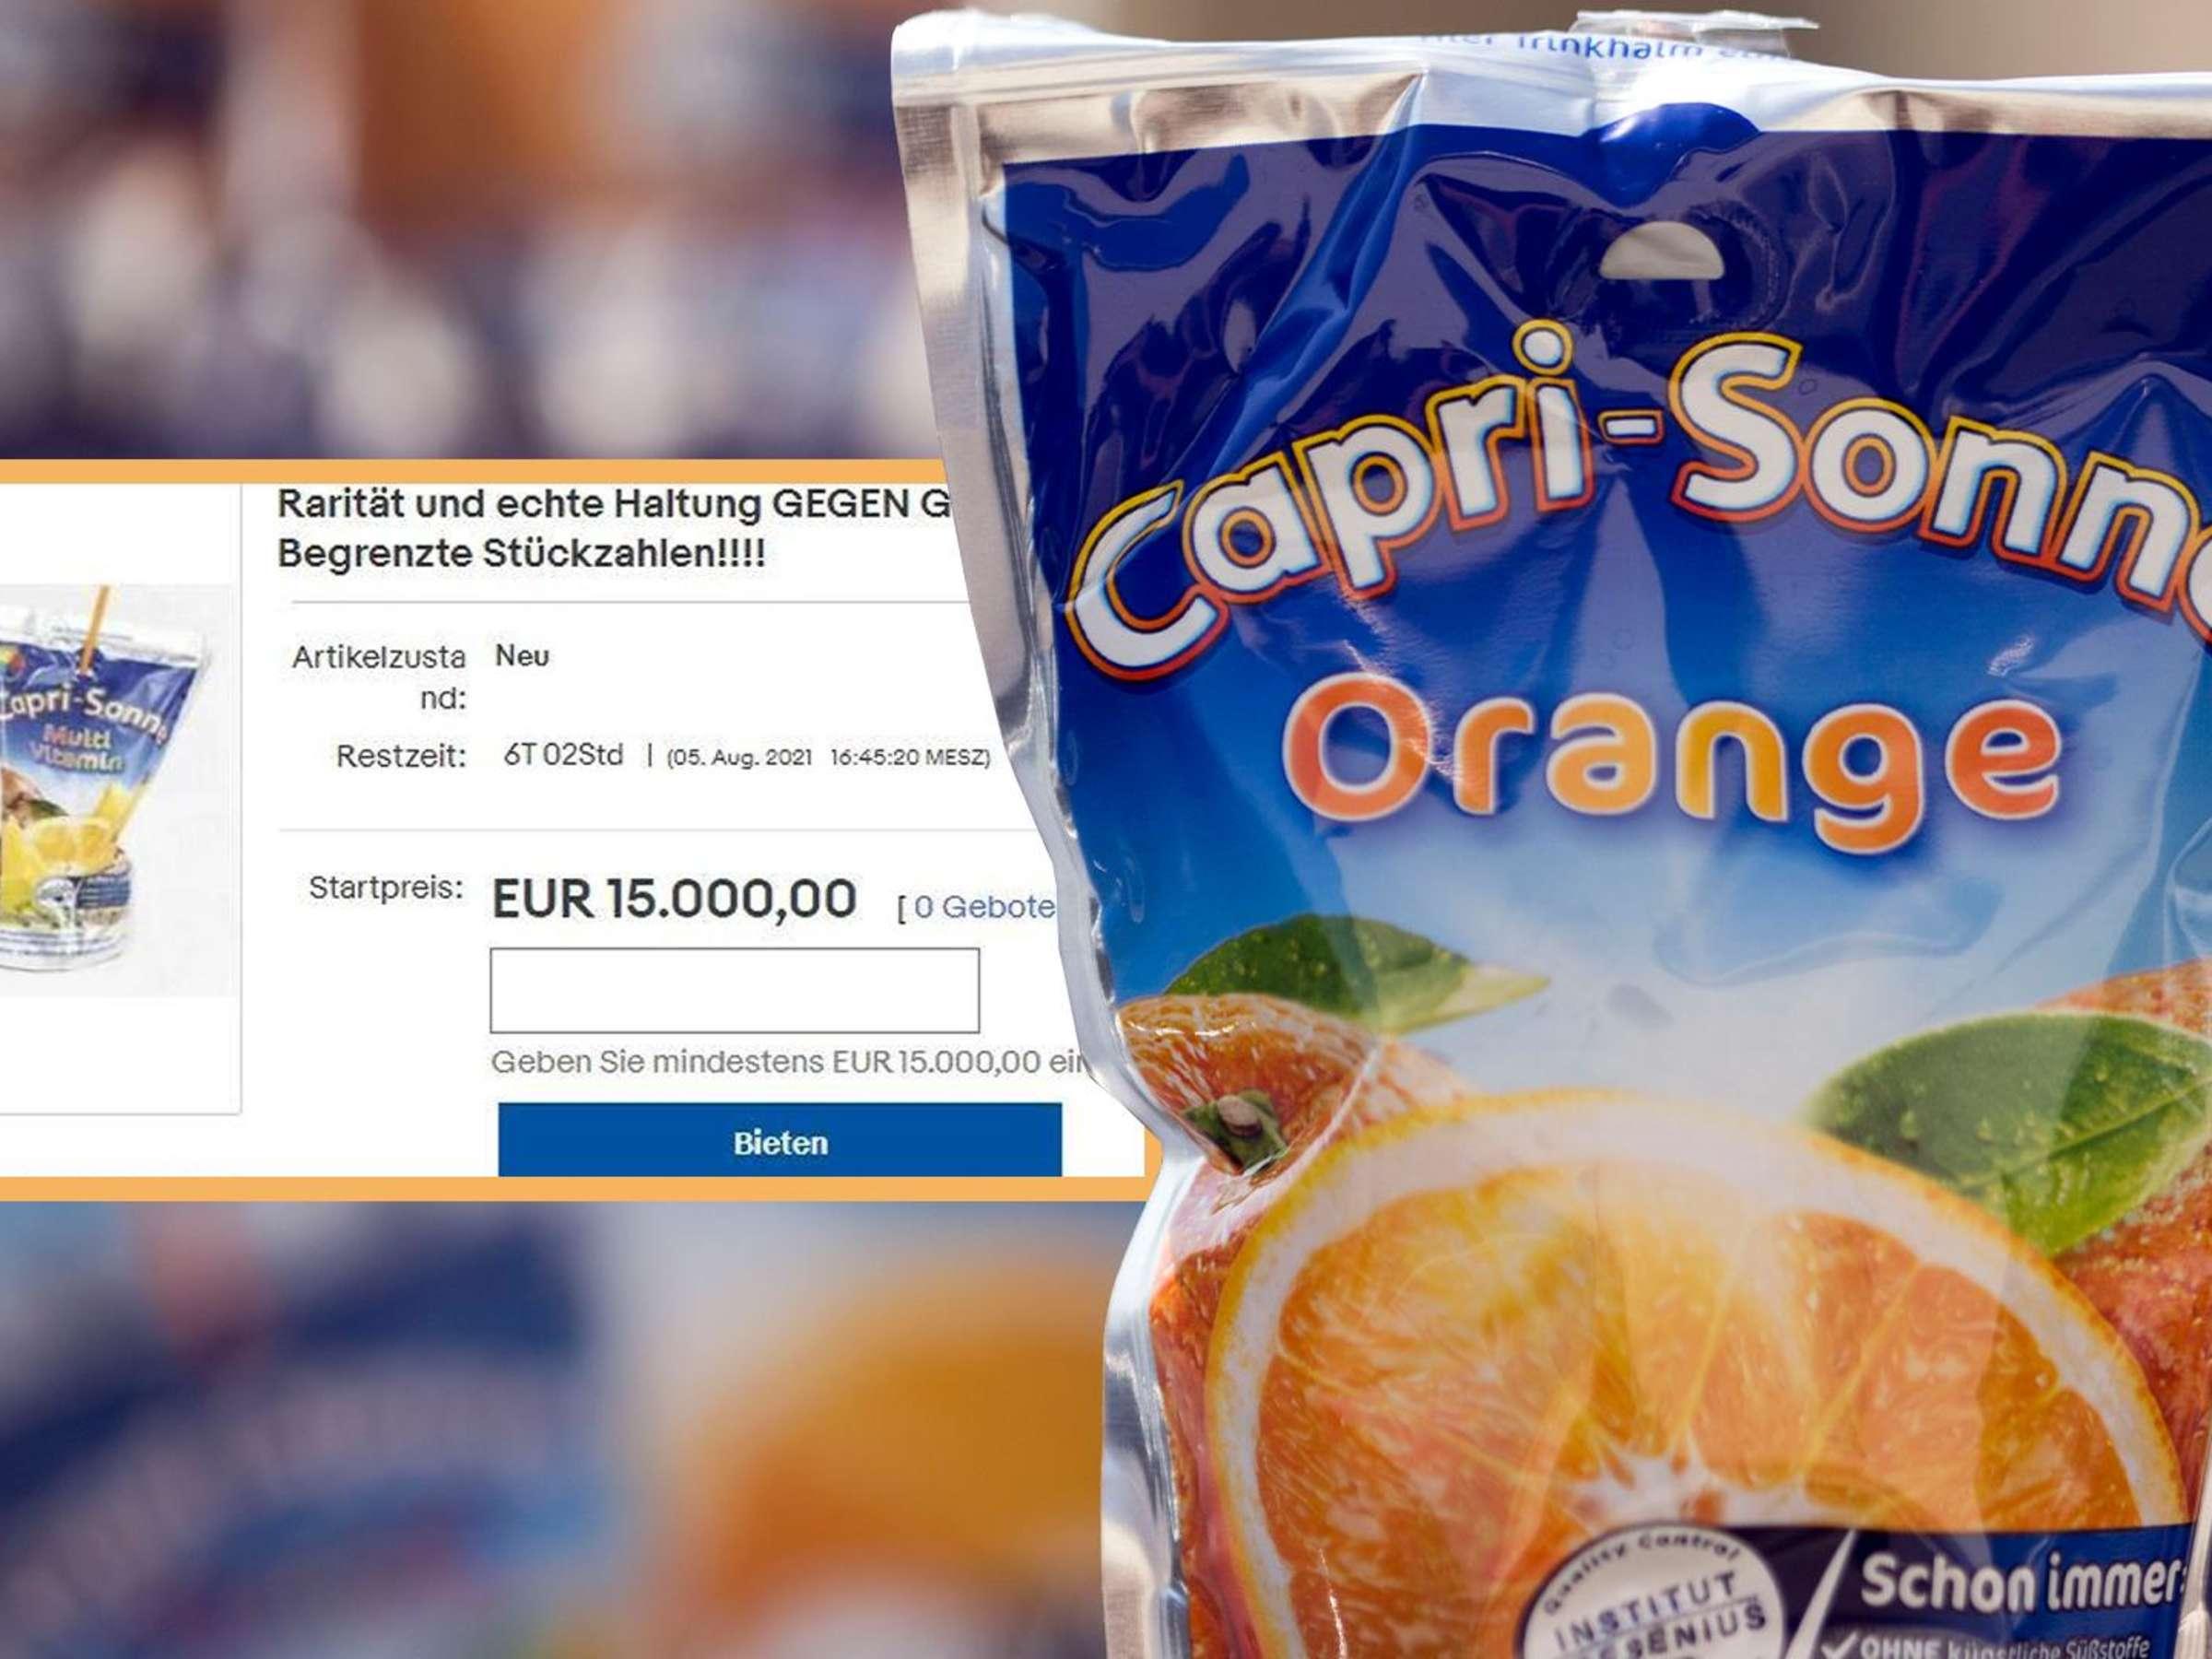 Capri Sonne bei eBay Kult Getränk zu irrem Preis angeboten   das ...